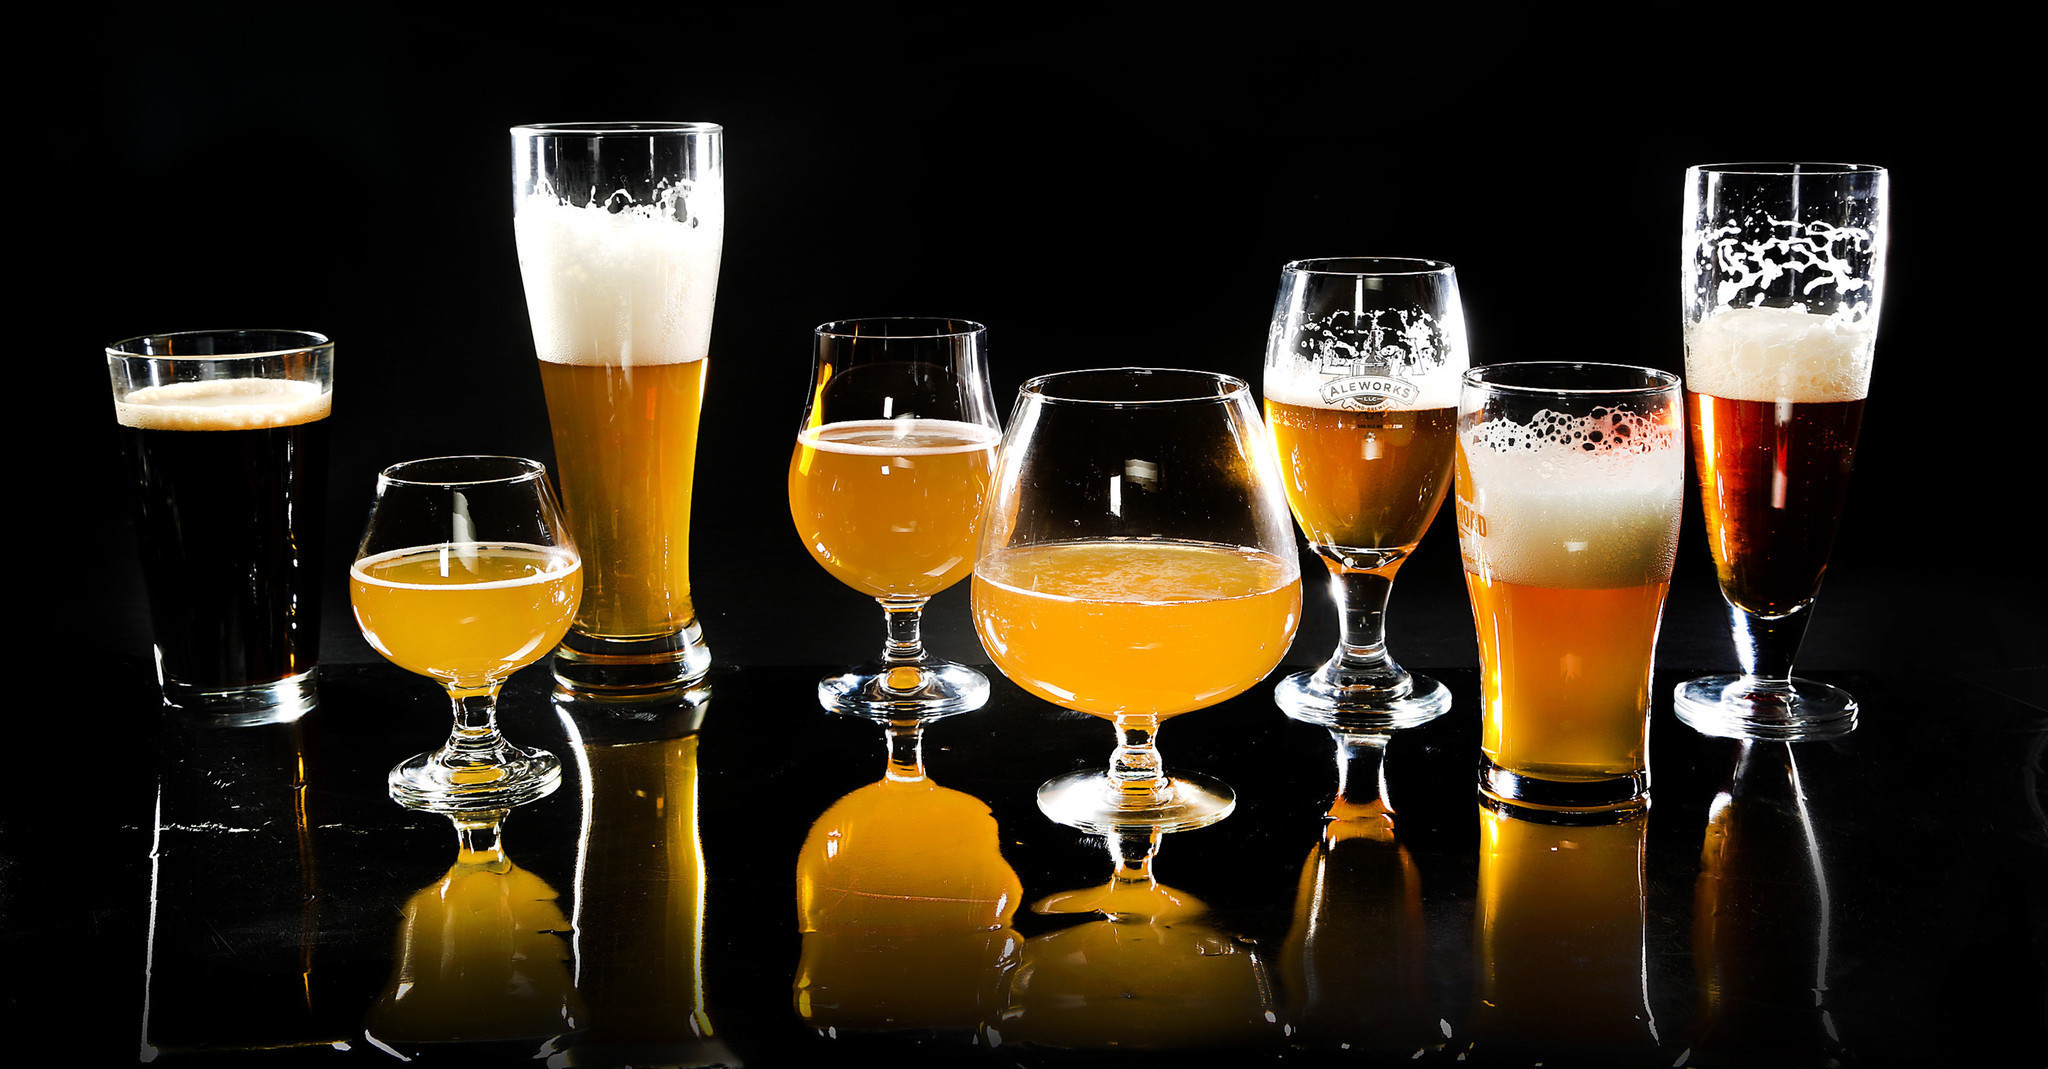 Los Angeles Craft Beer Scene